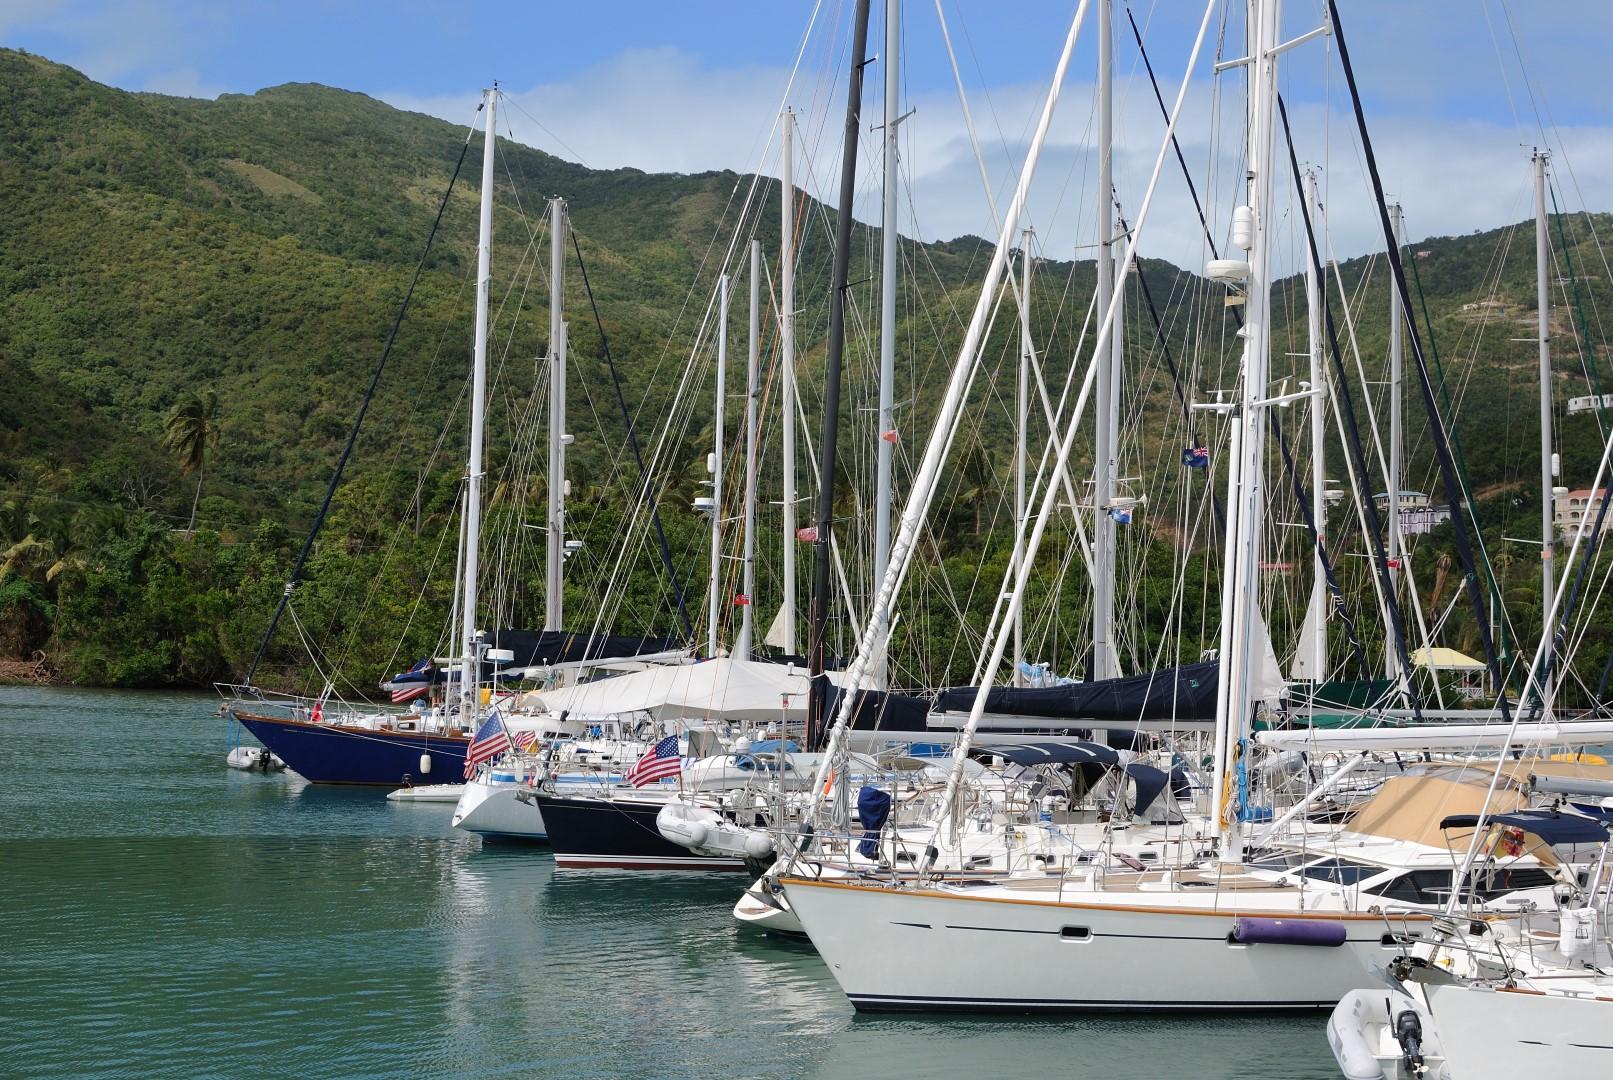 charter-marina-boat-base-fleet-sailing-yacht